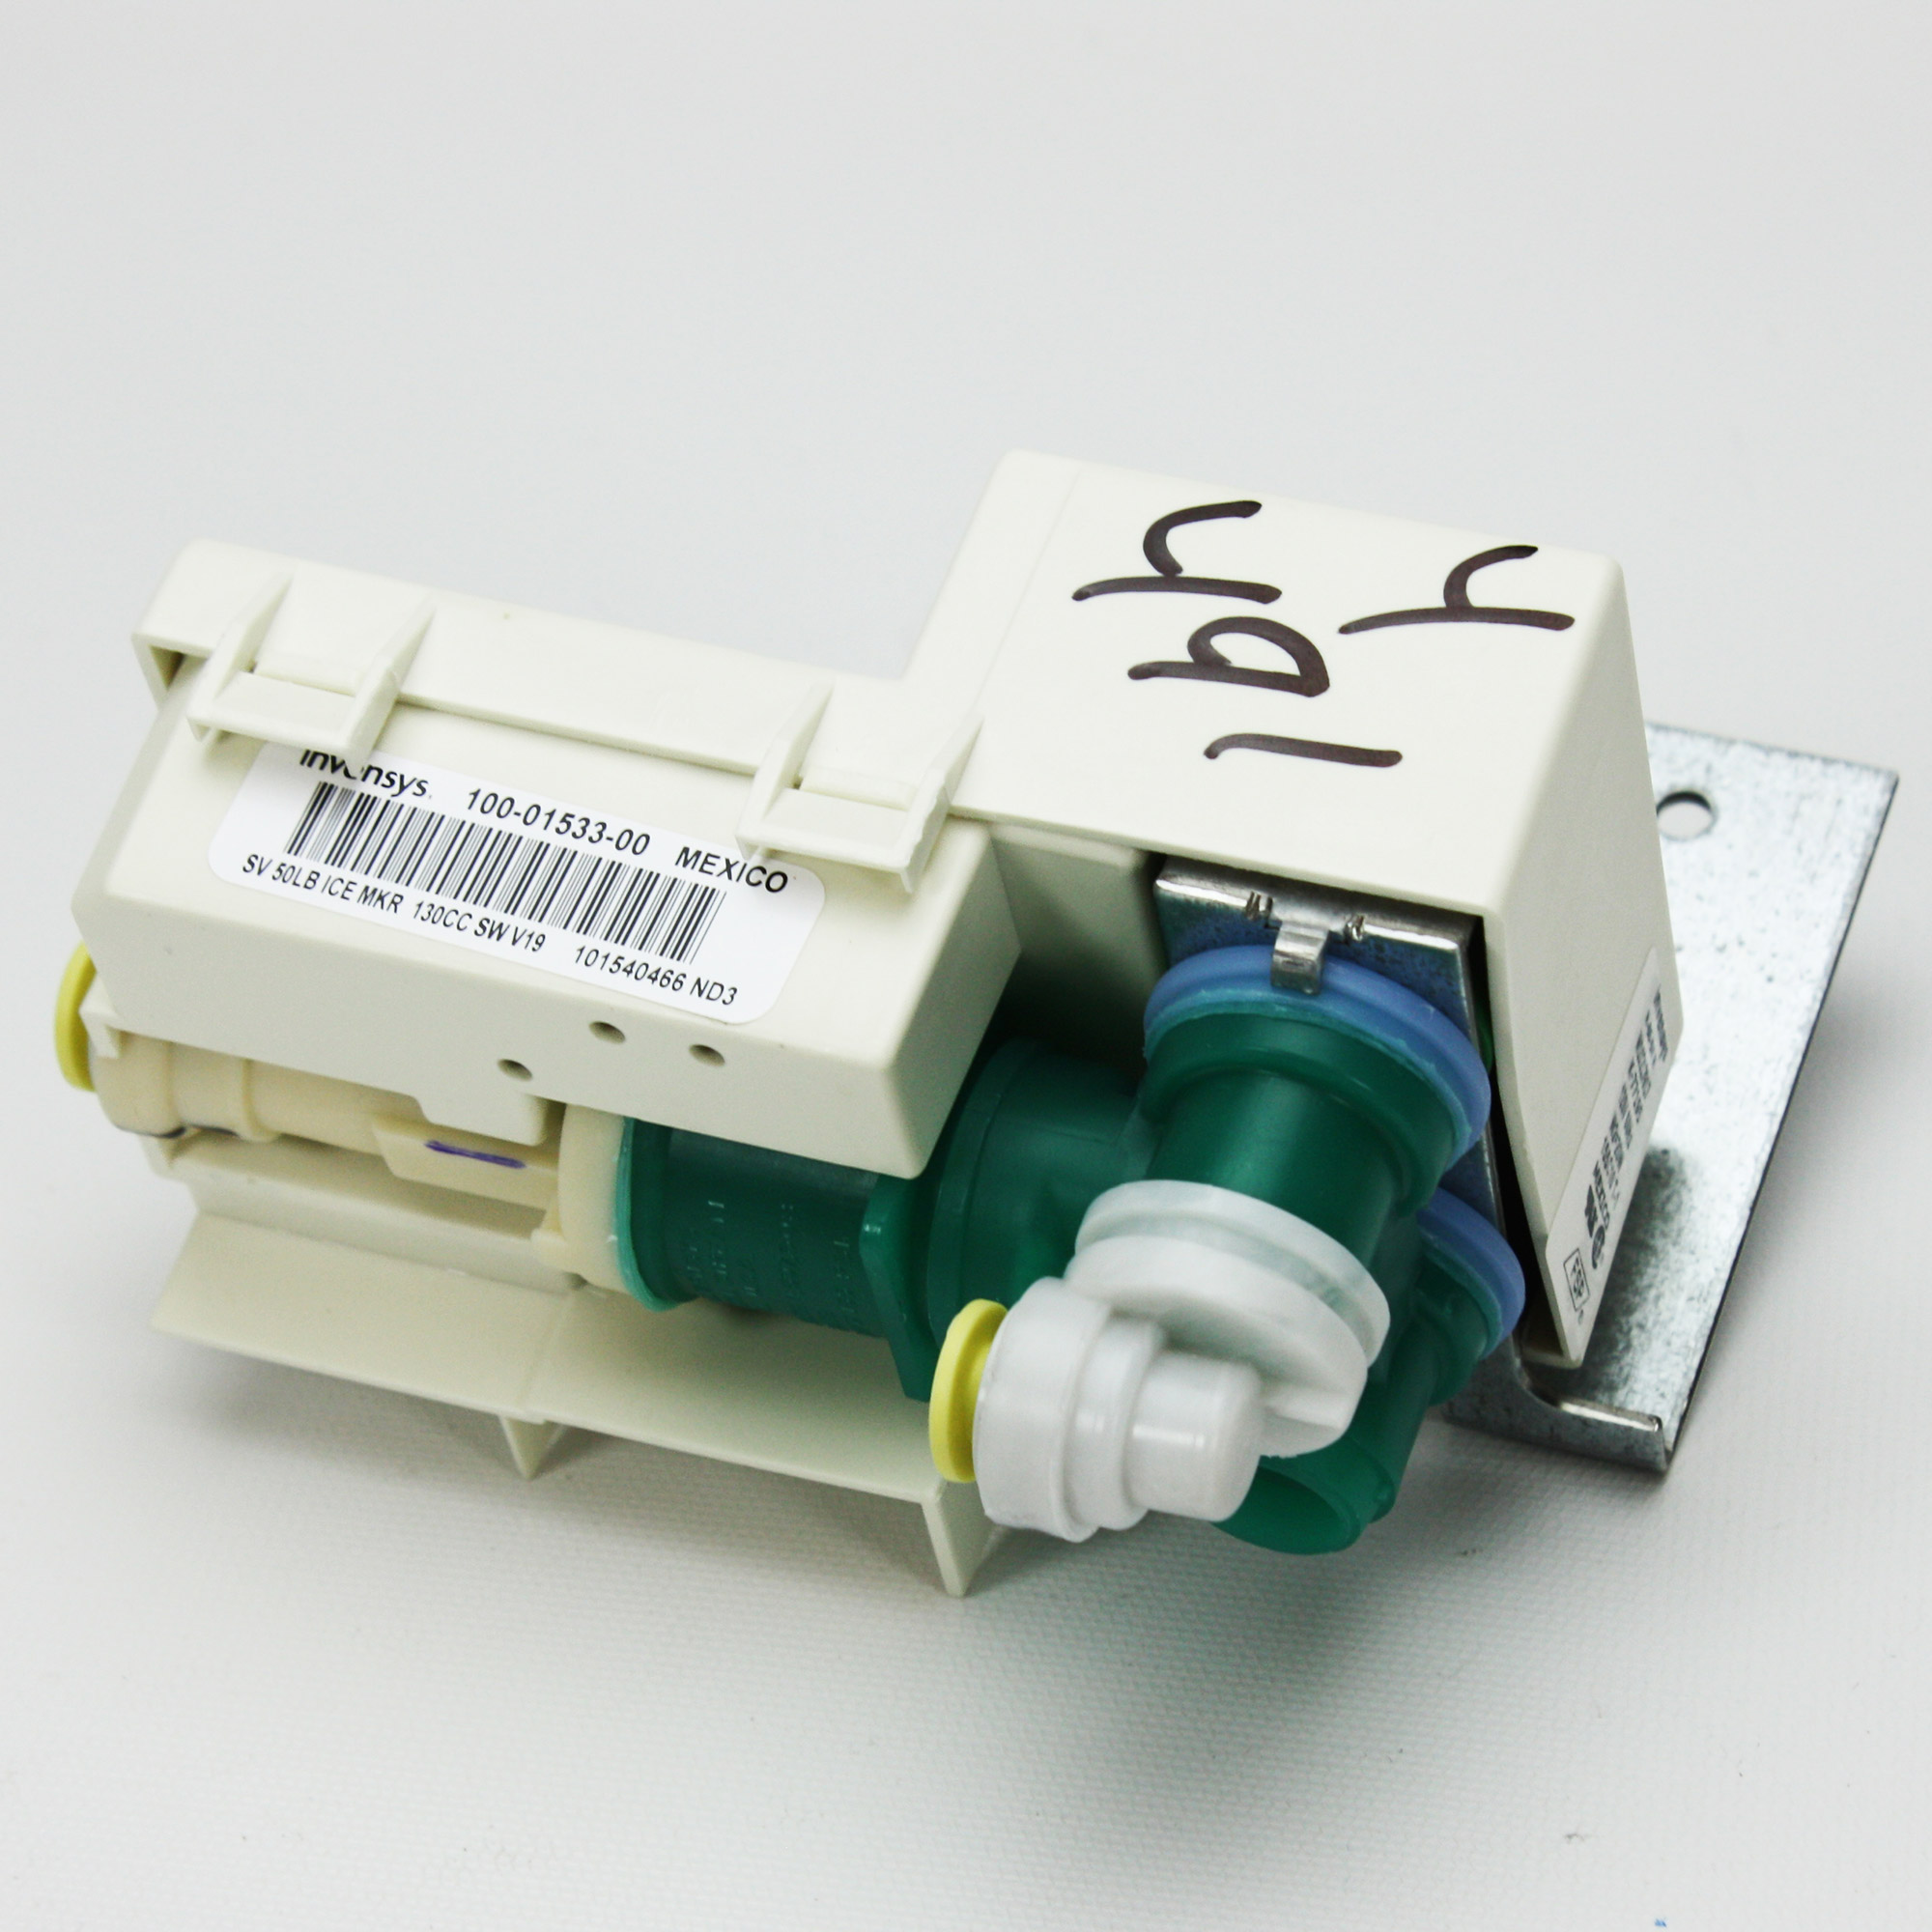 WR57X10072 GE Refrigerator Water Inlet Valve | eBay